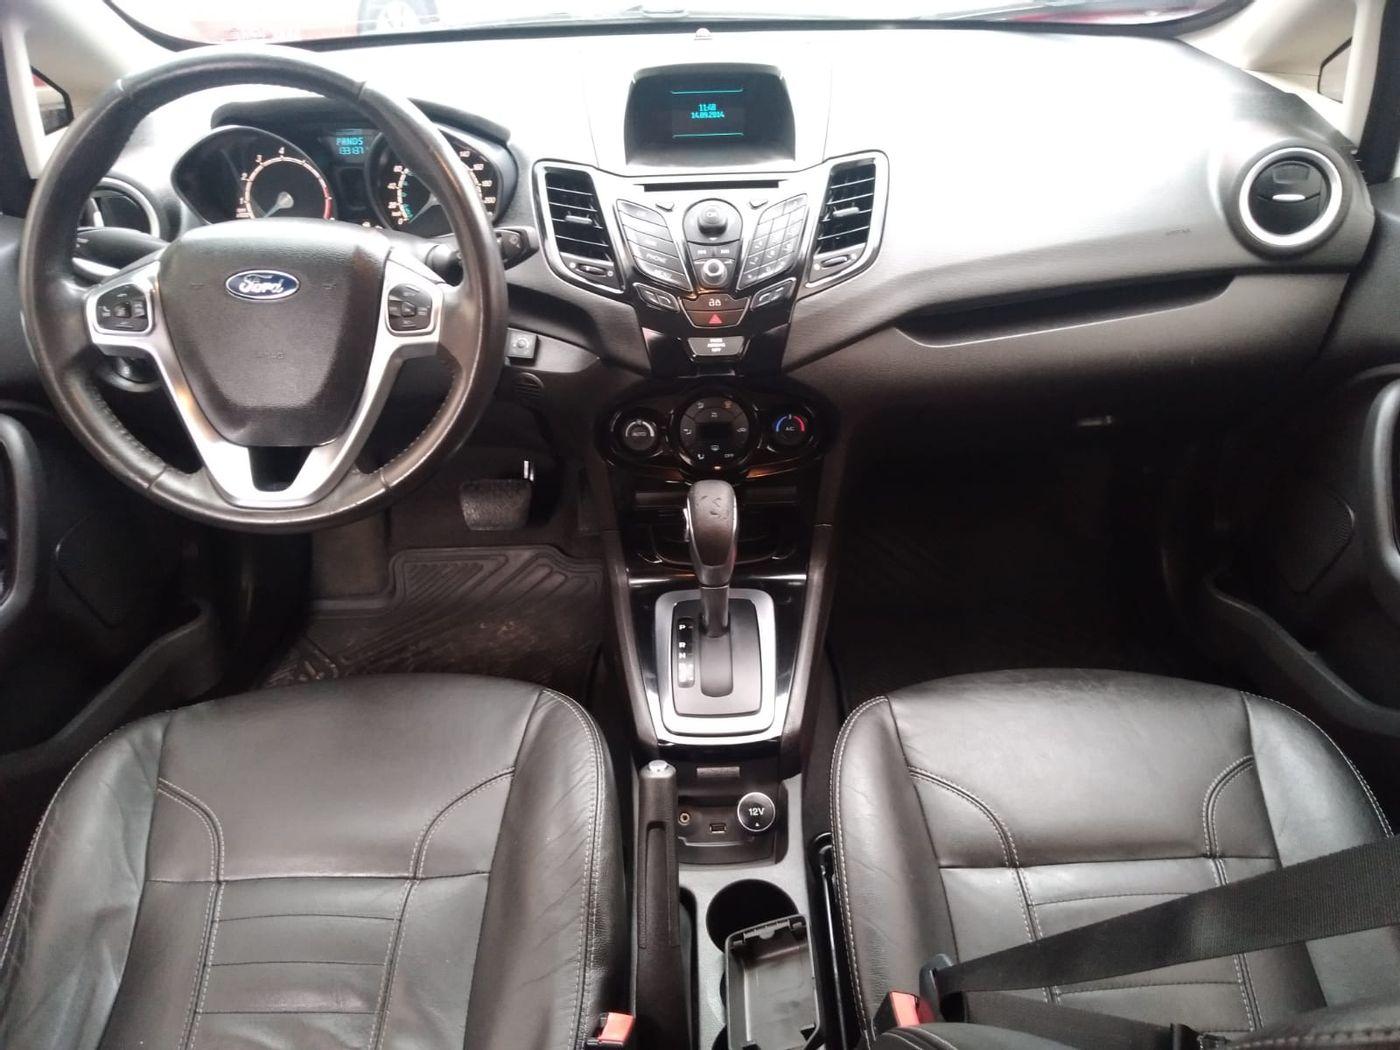 Ford Fiesta Sedan 1.6 16V Flex Aut.